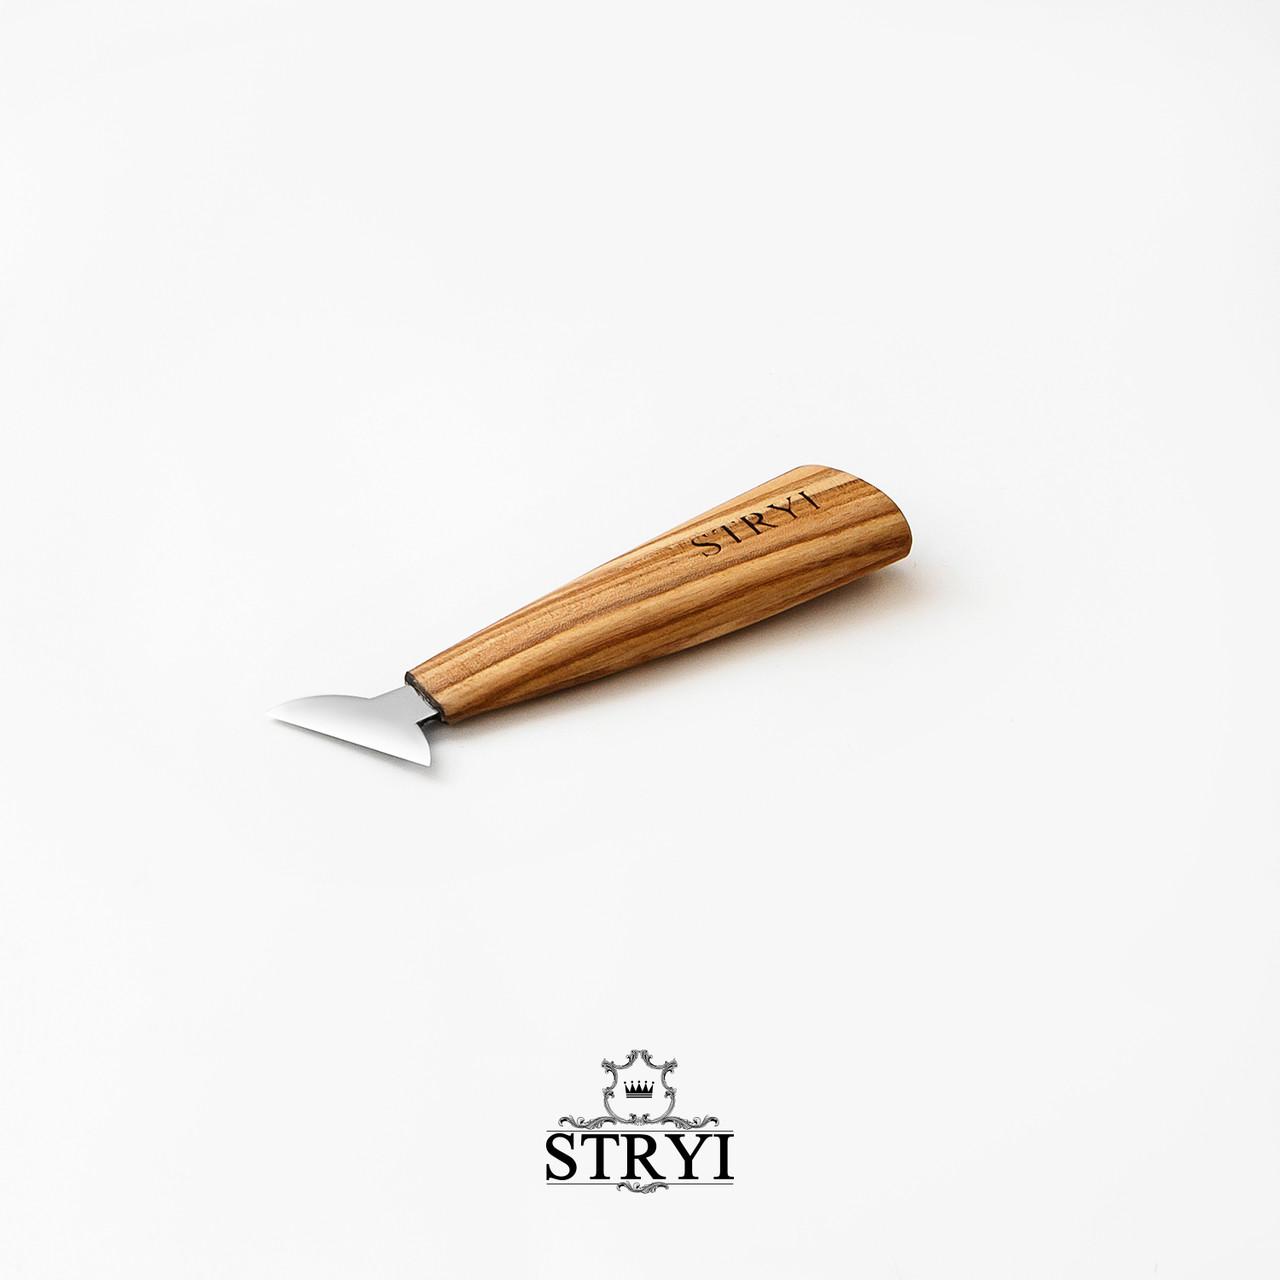 Стамеска нож-топорик для резьбы по дереву от производителя